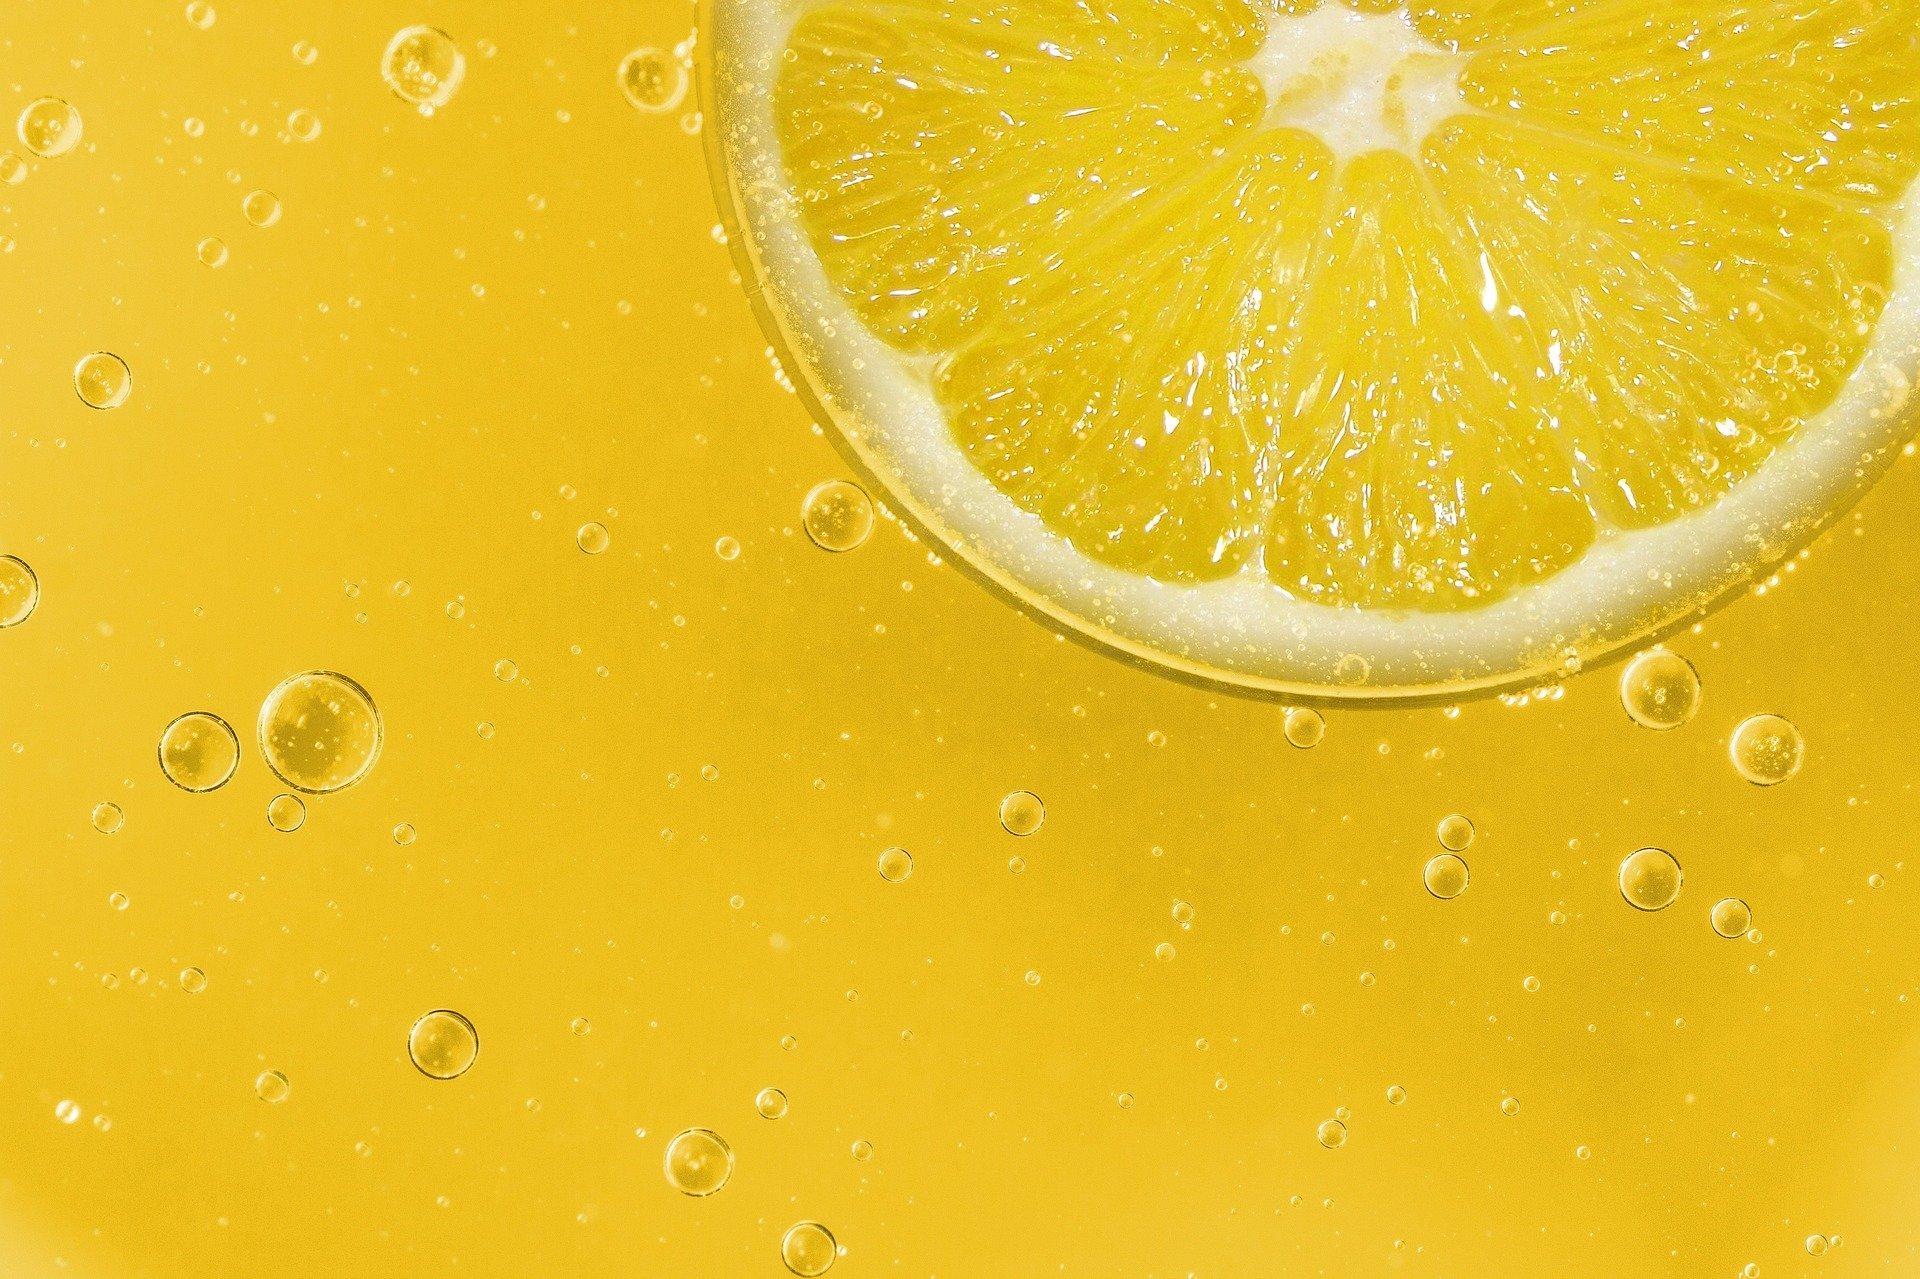 Limon ile Cilt Temizleyen Maske Nasıl Yapılır?